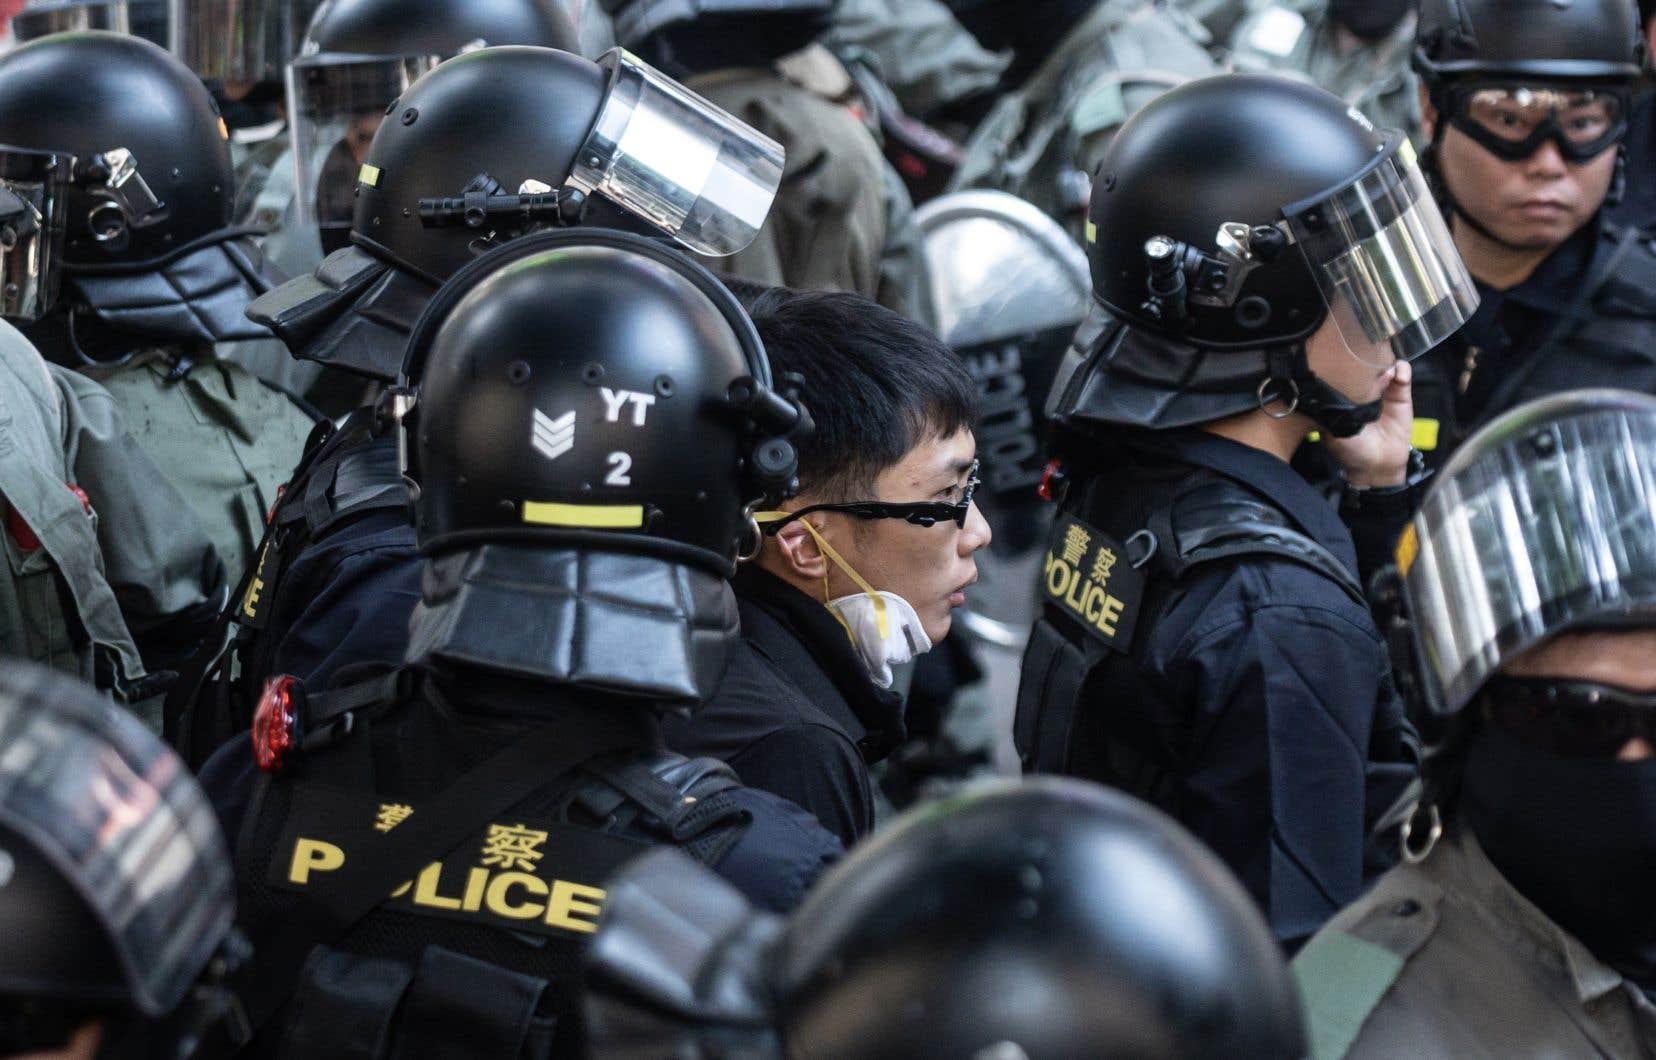 Un homme est escorté par la police alors qu'une manifestation s'est organisé dans le district de Tsim Sha Tsui à Hong Kong.